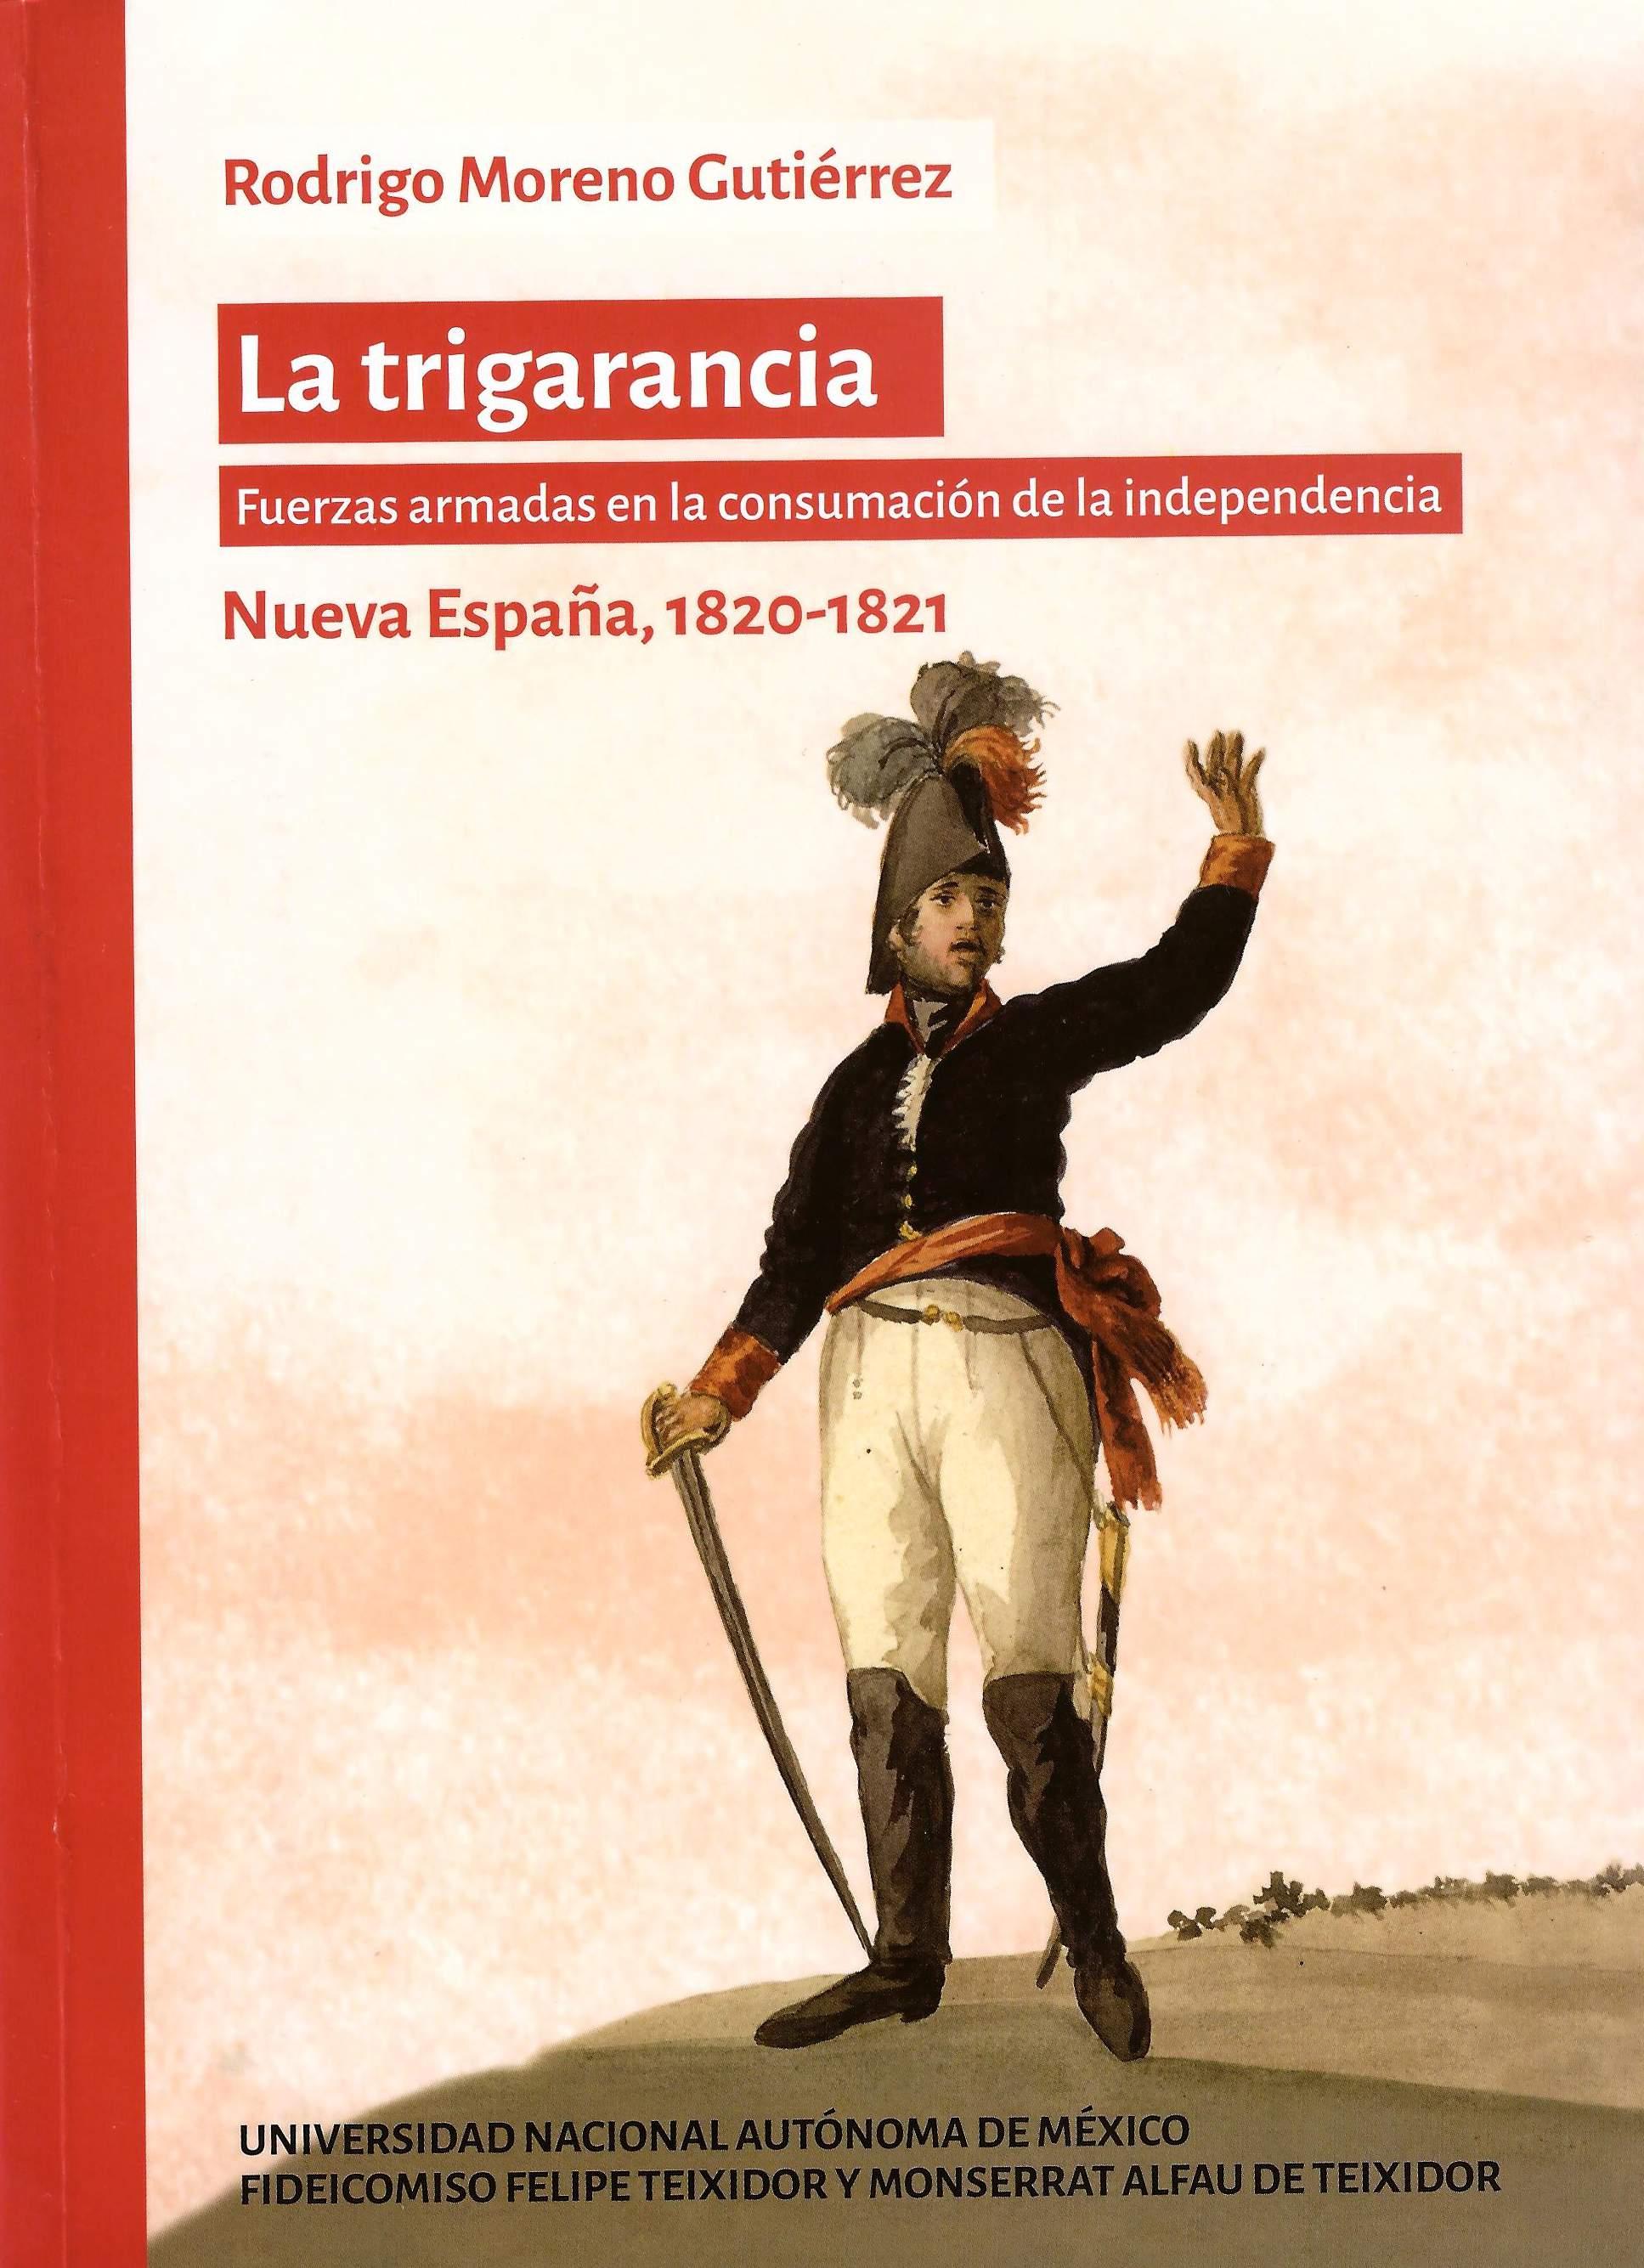 La trigarancia. Fuerzas armadas en la consumación de la independencia. Nueva España, 1820-1821